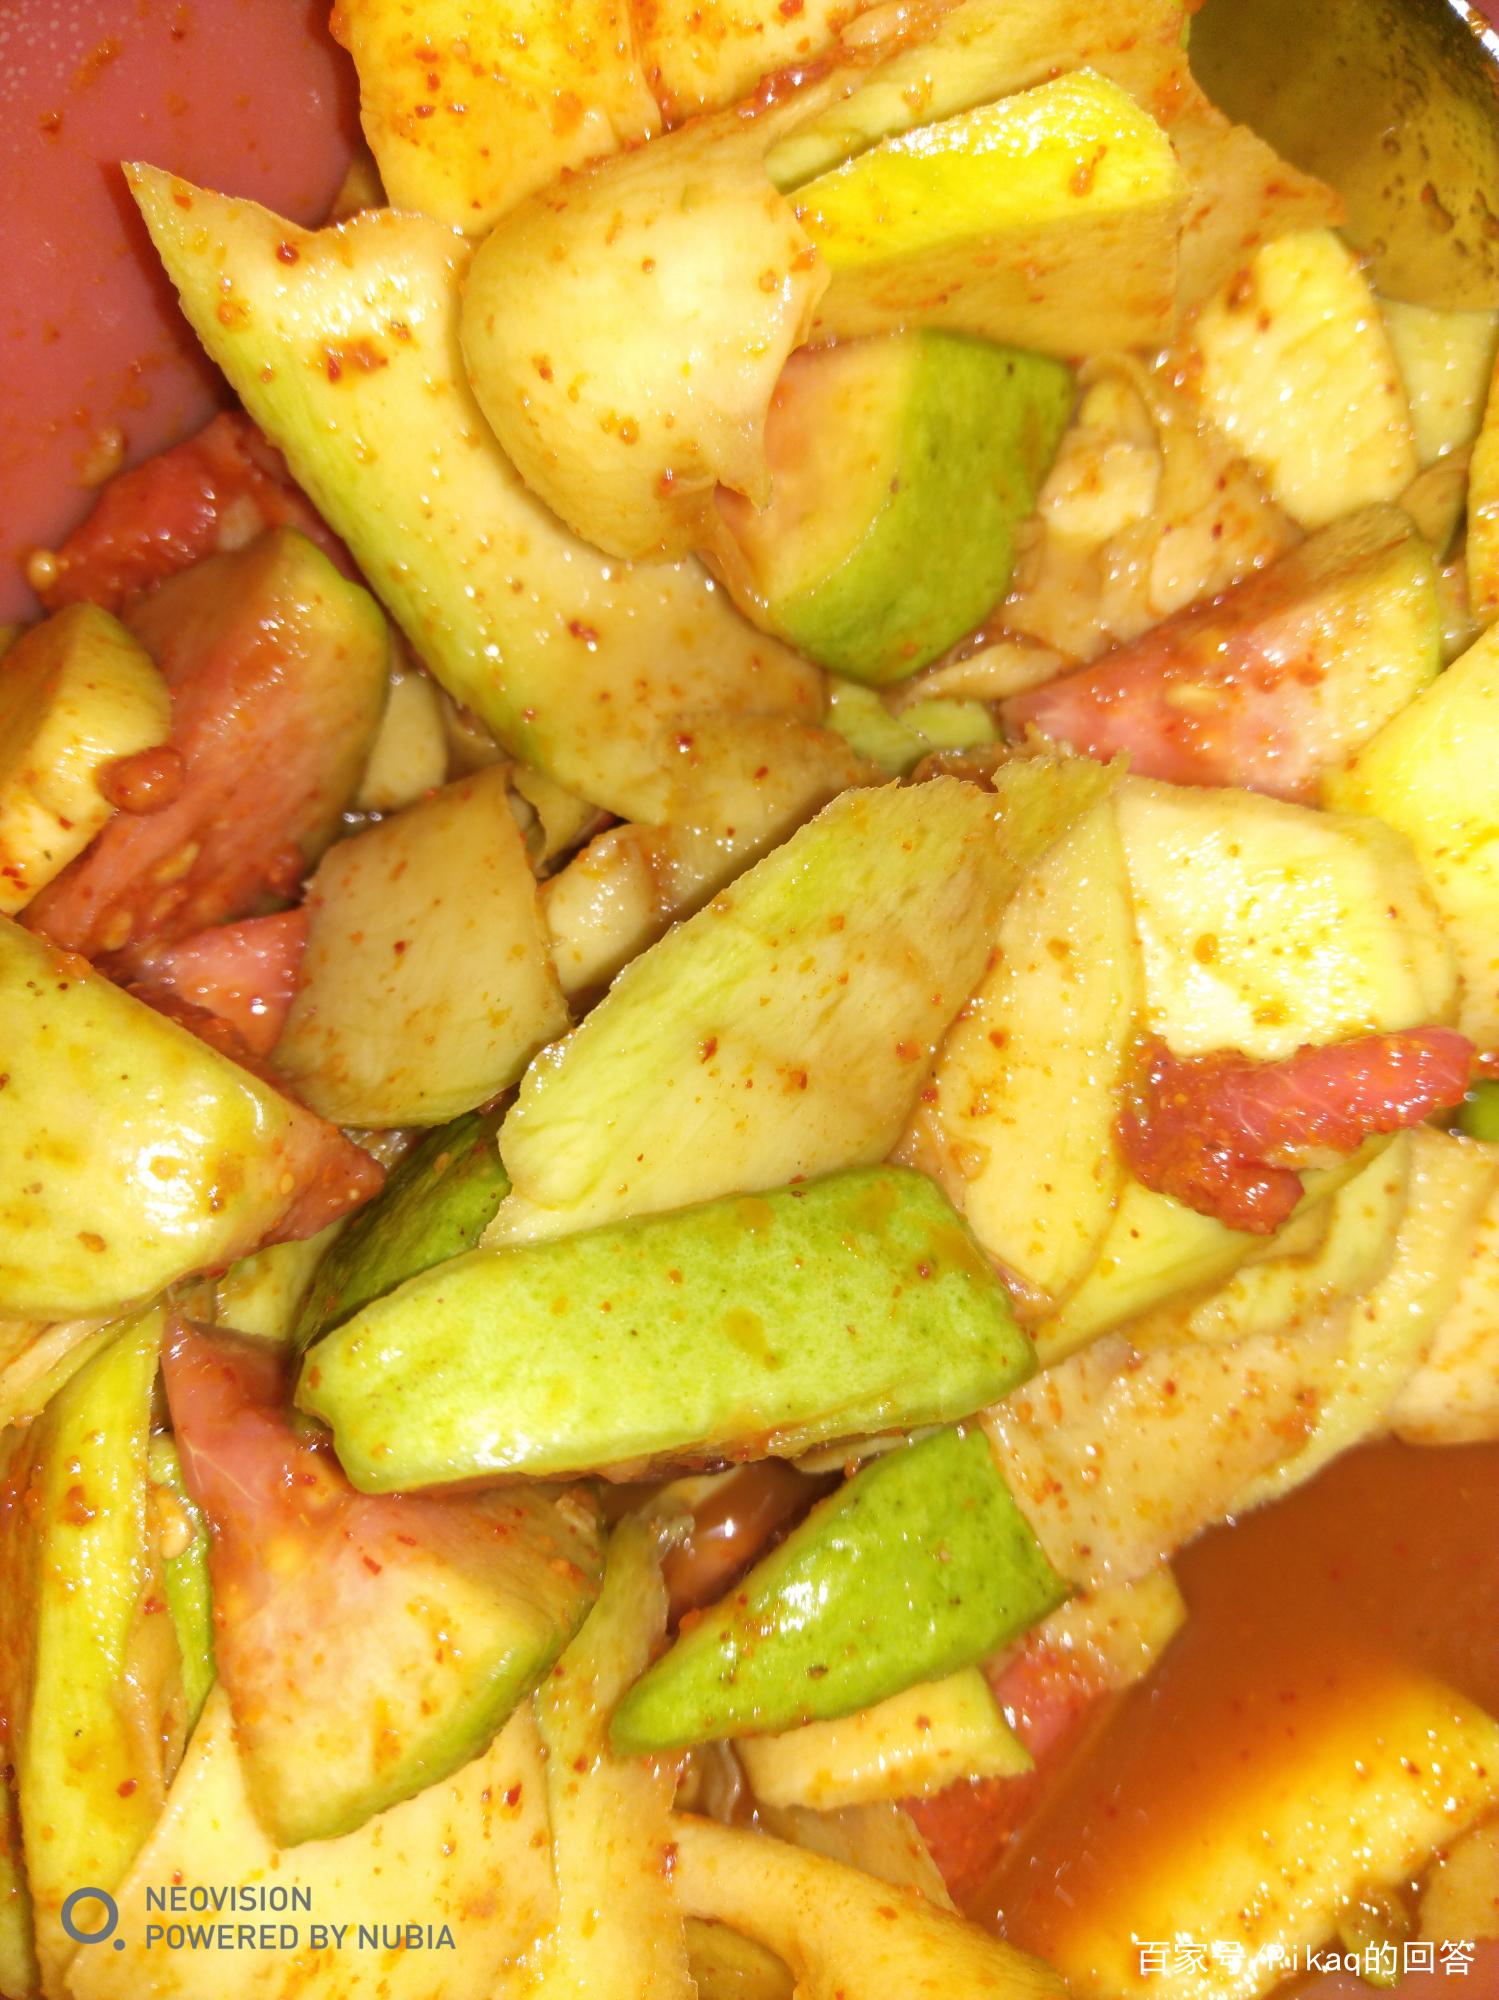 来自广西的黑暗料理:水果配辣椒盐